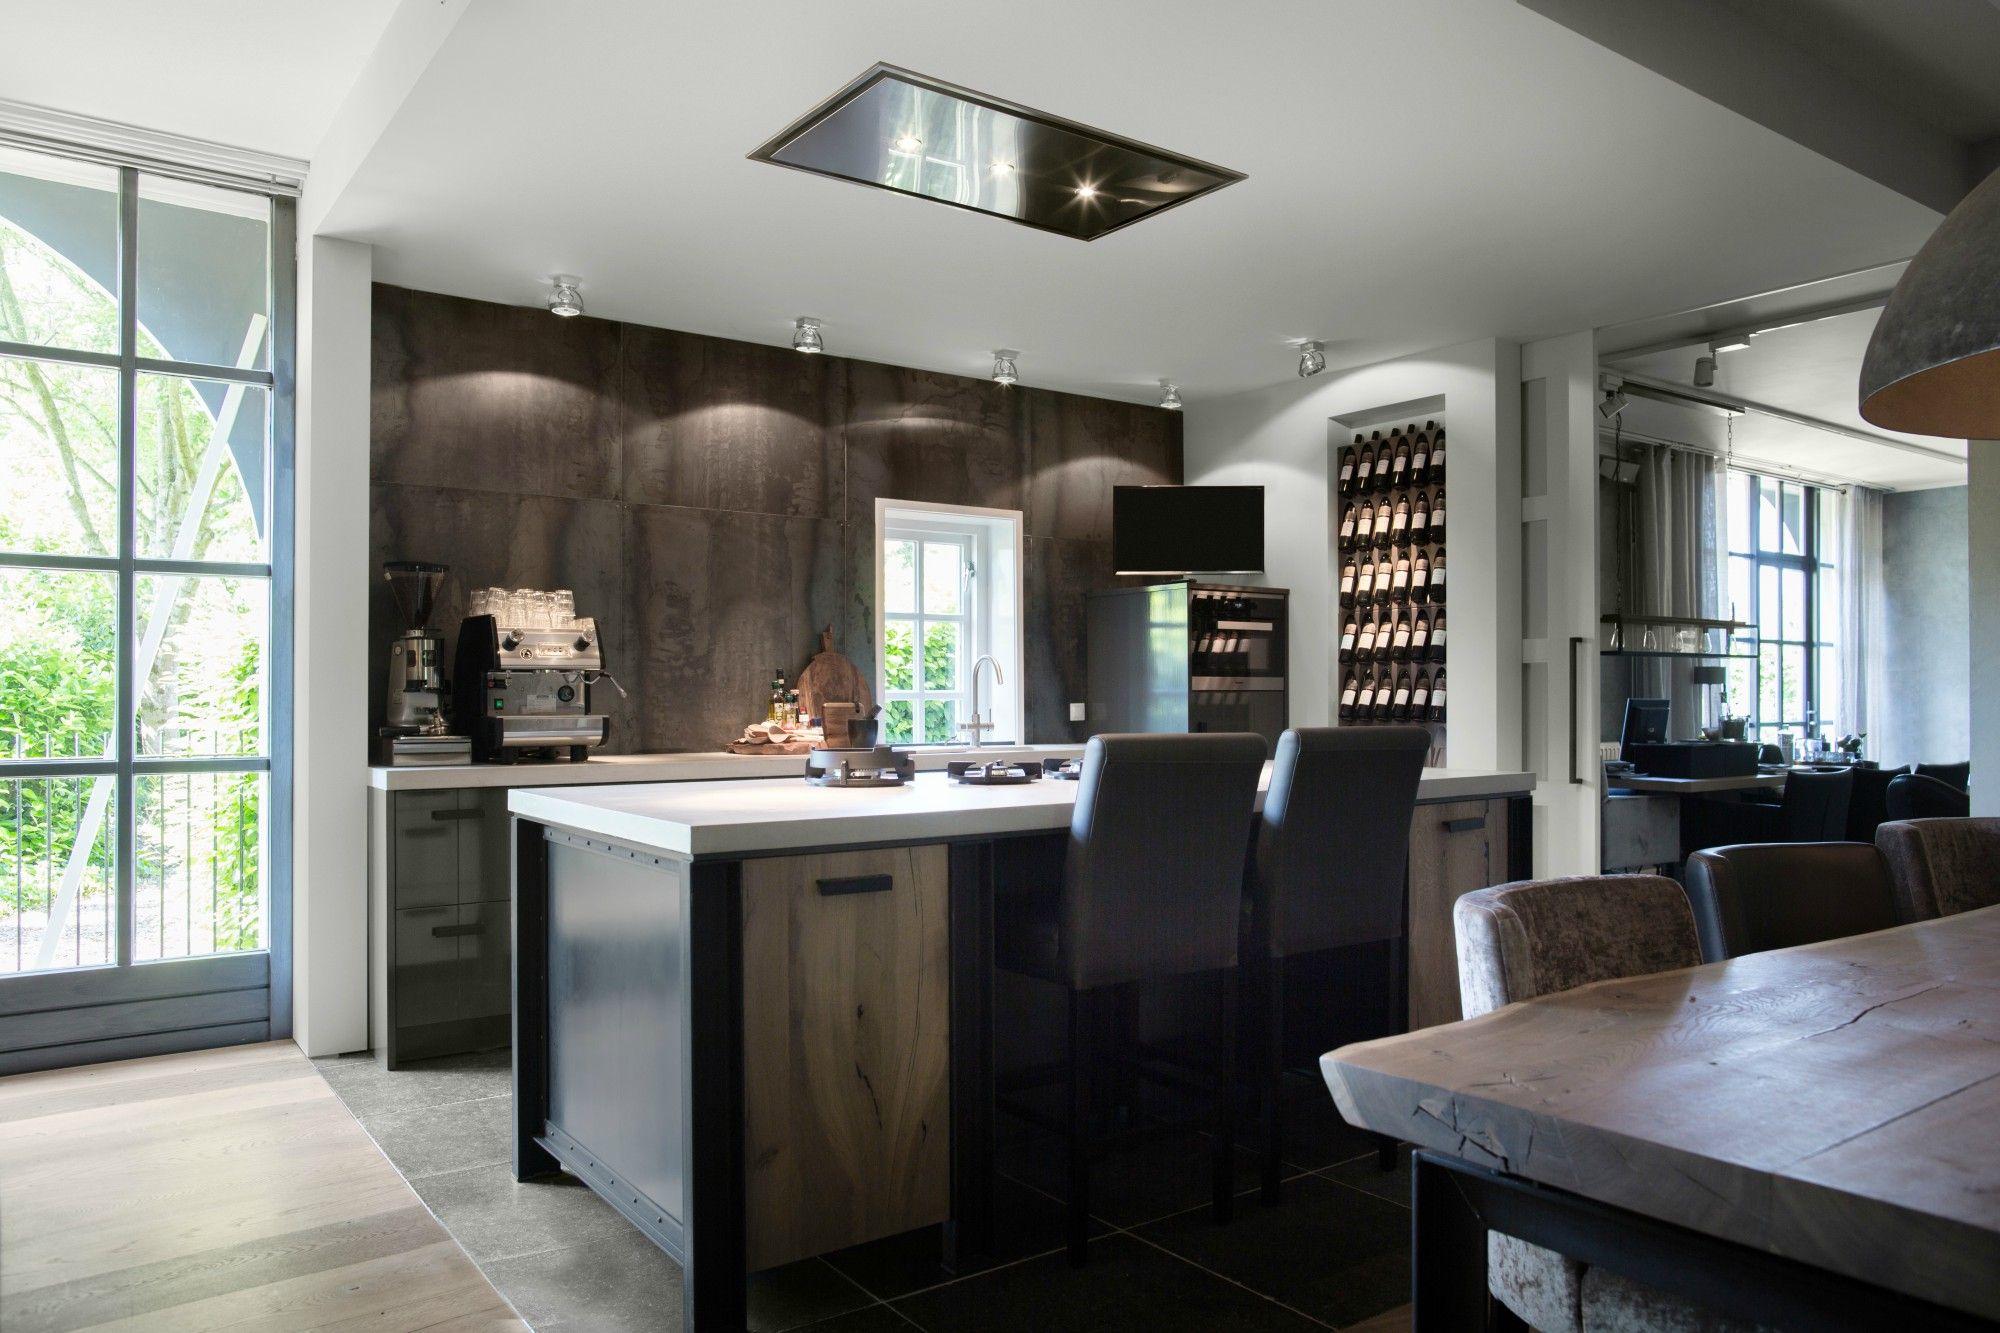 Afzuigkap In Plafond : Afzuigkap model mooi weggewerkt in het plafond kitchen